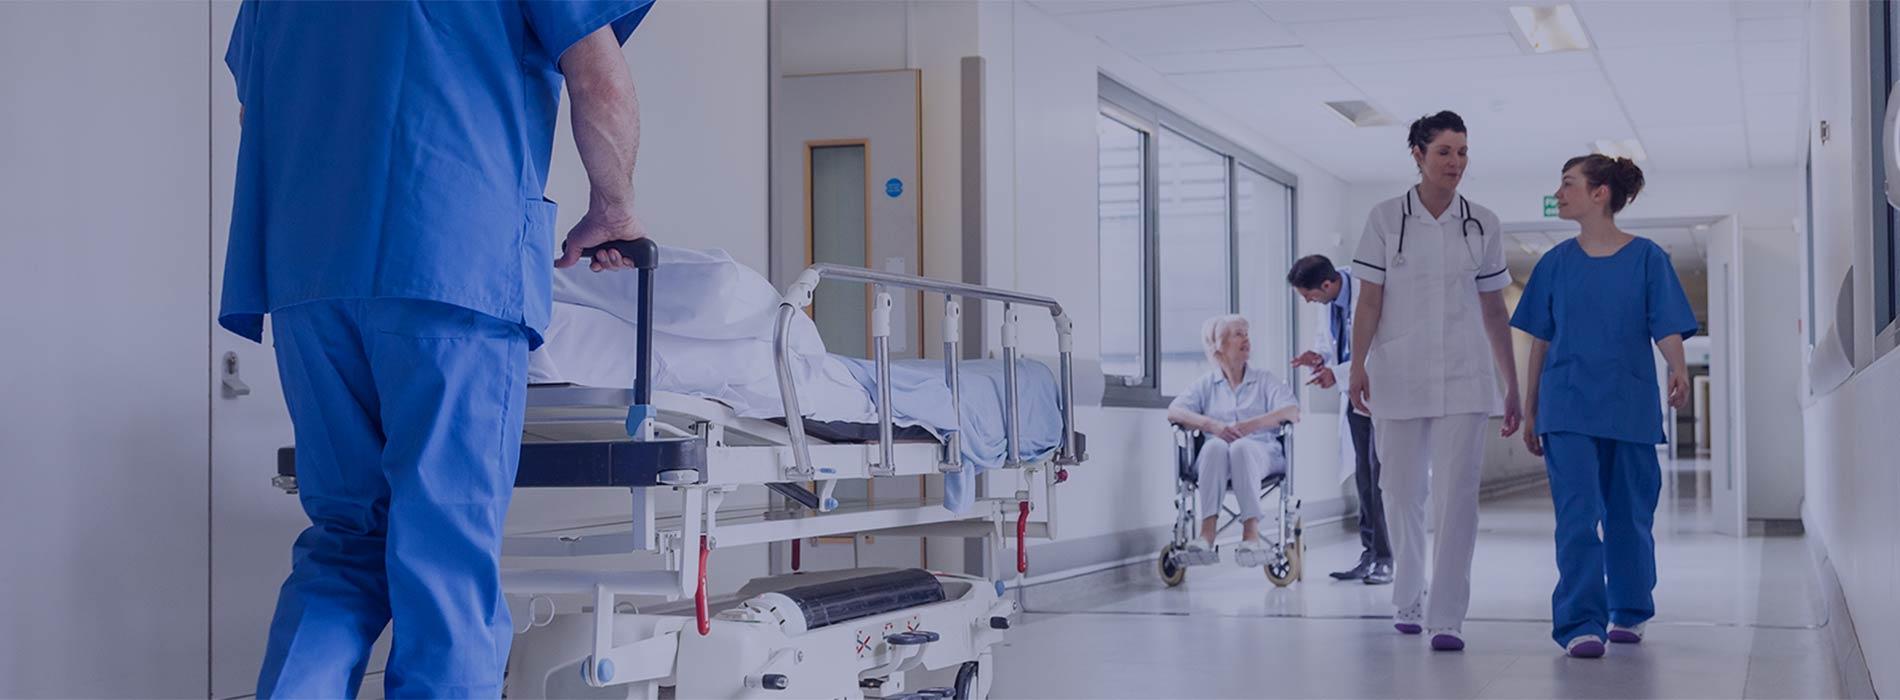 Des soignants et des patients passent dans le couloir d'un hôpital